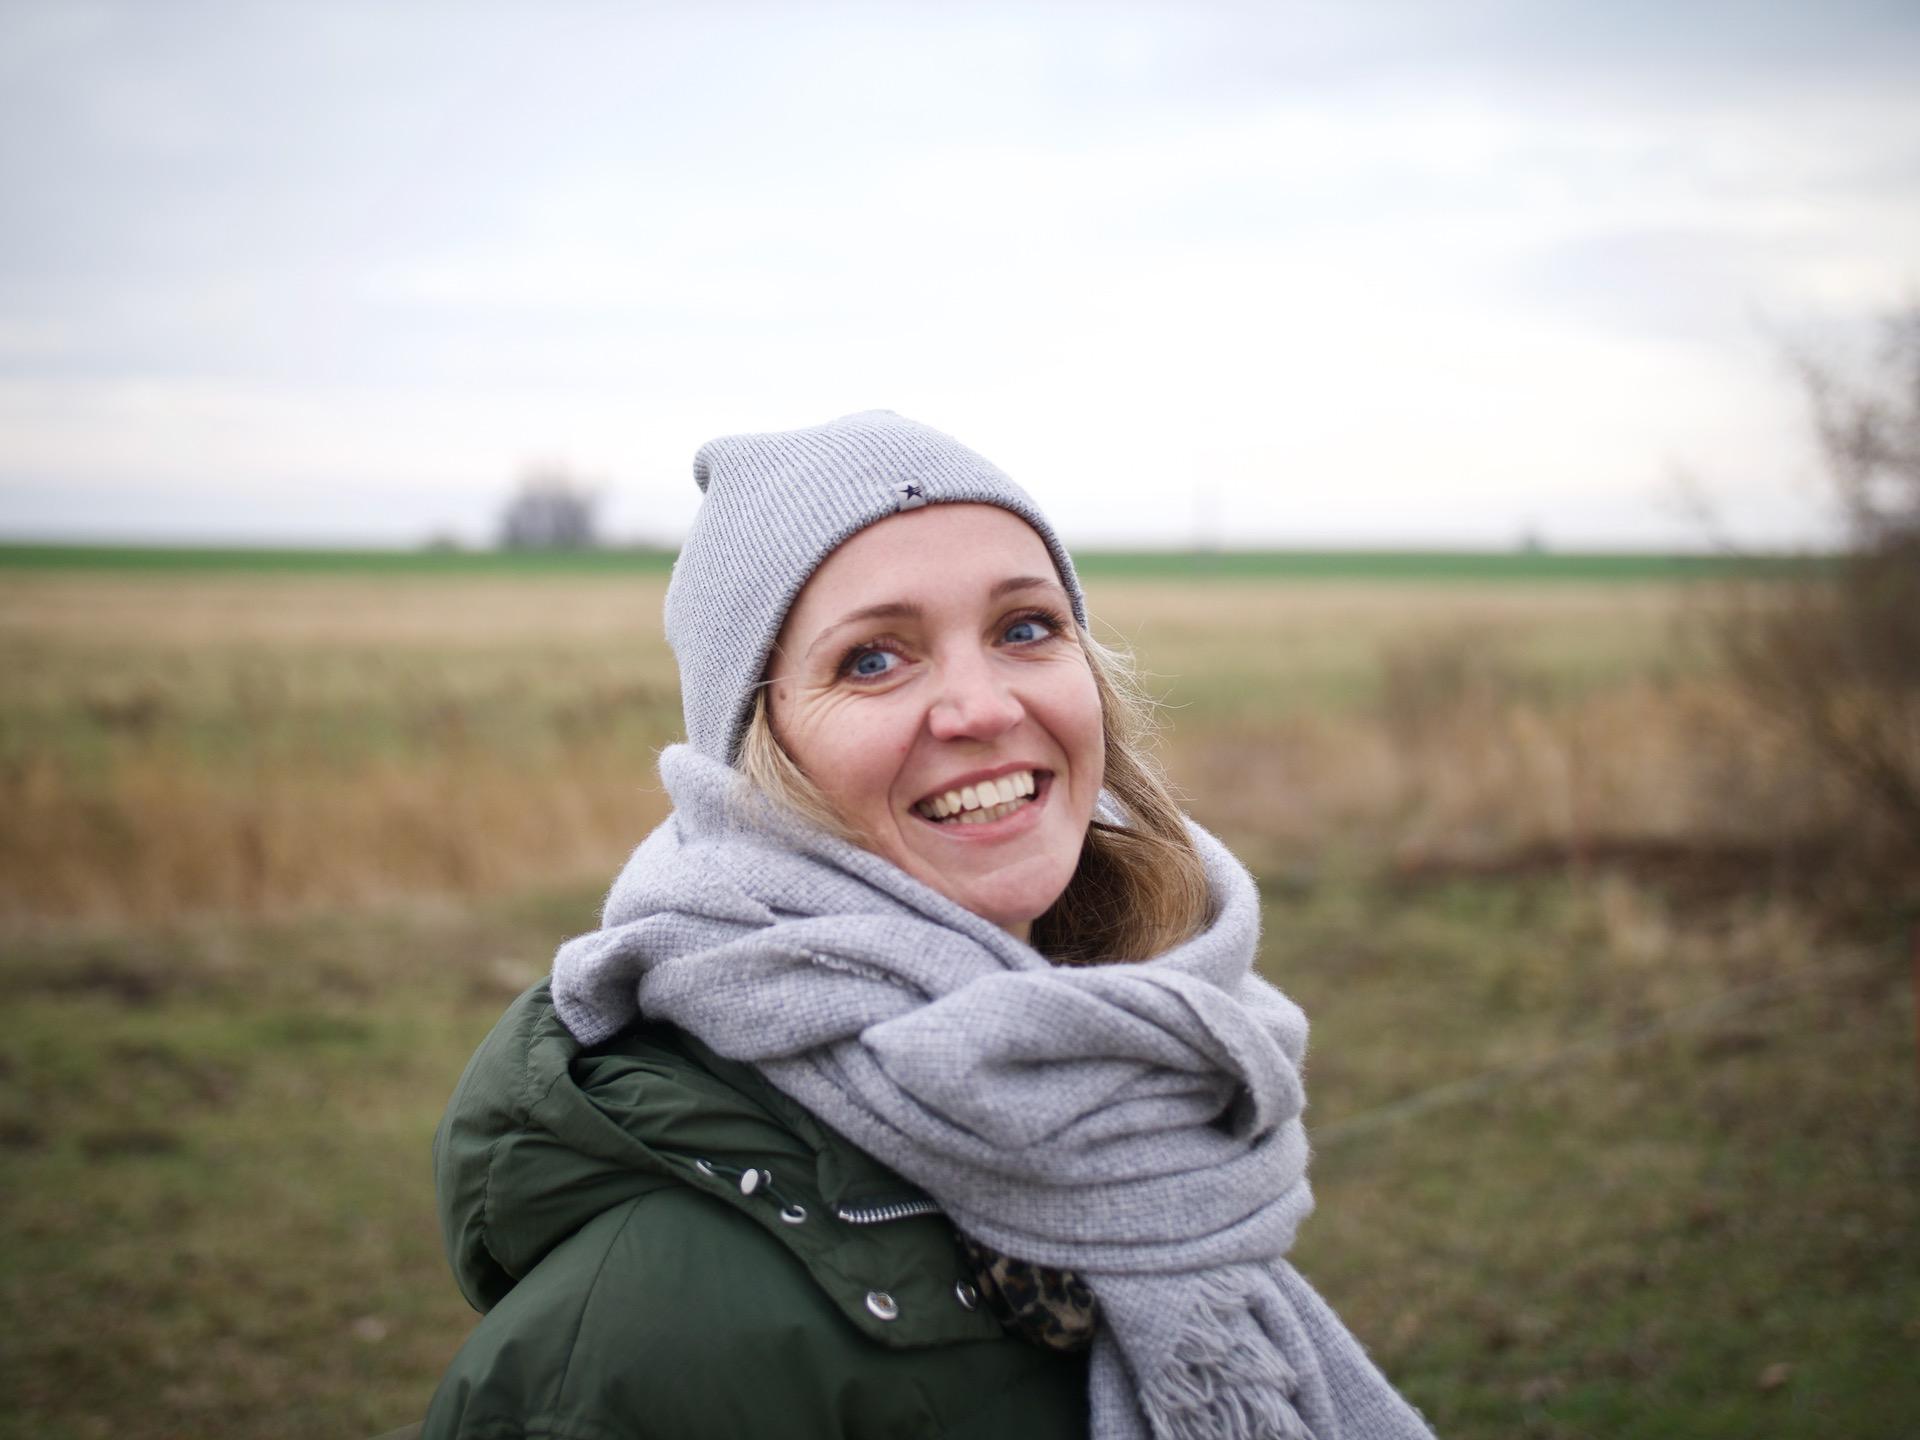 More about Tina Schütze on her website: .. Mehr über Tina Schütze erfährst Du auf ihrer Seite:   tinaschuetze-berlin.de